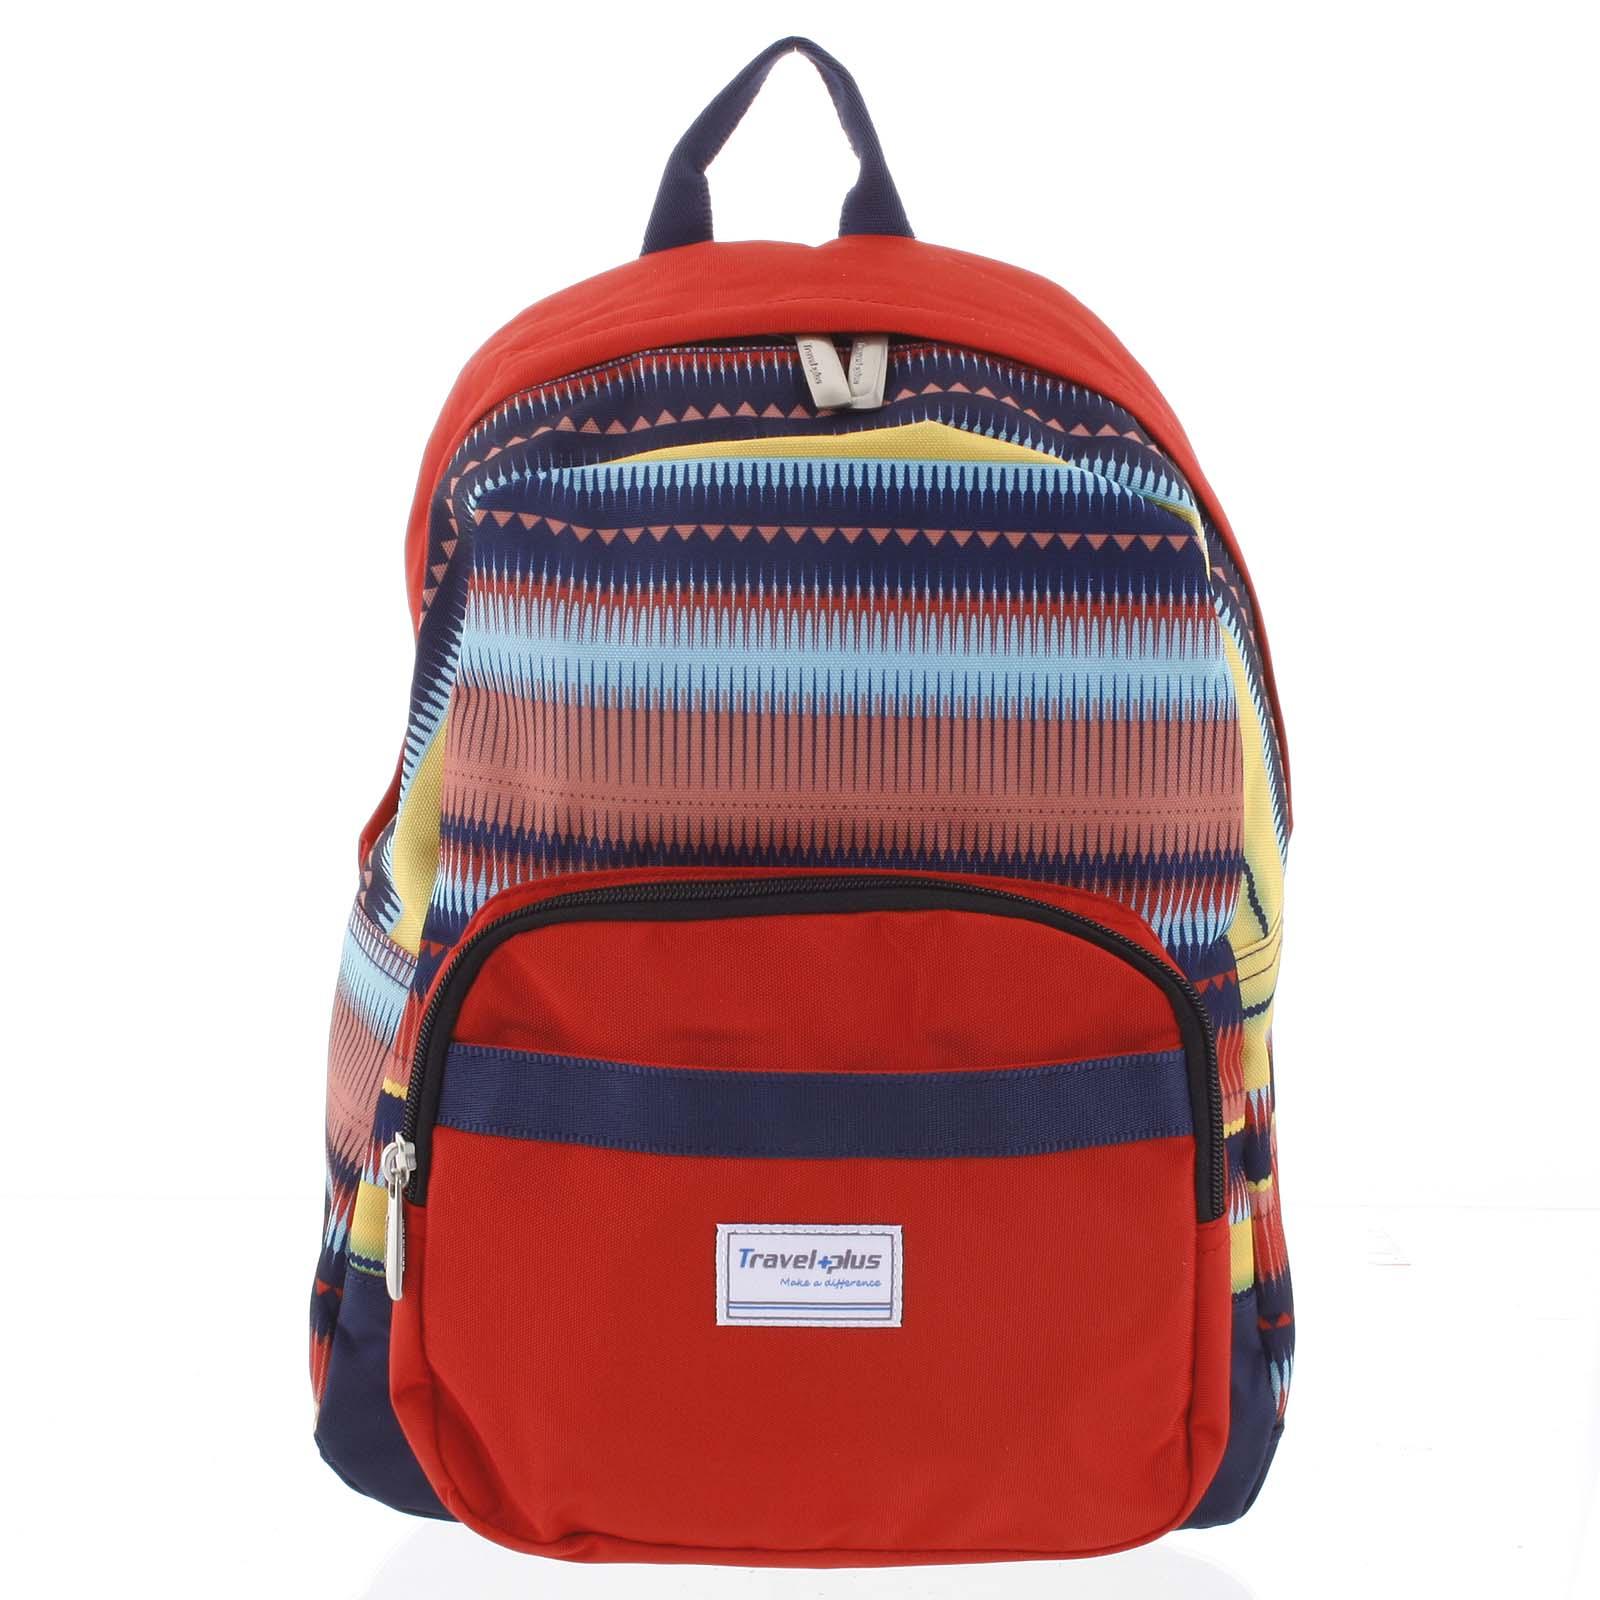 Střední dámský červený batoh na výlety - Travel plus 0643